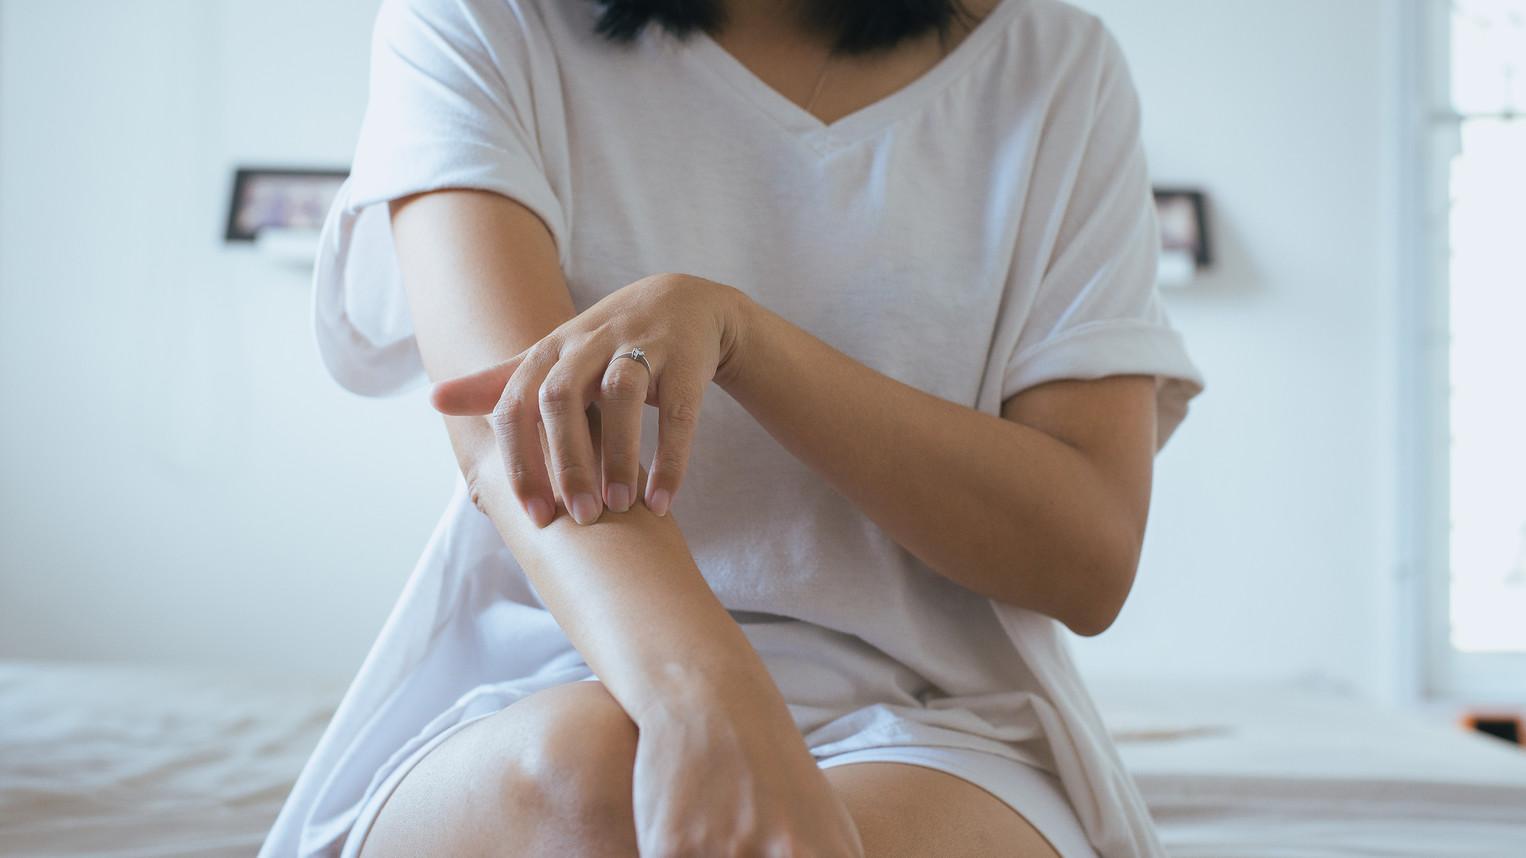 Népi gyógymódok: megérnek egy próbát • Egészség • Reader's Digest